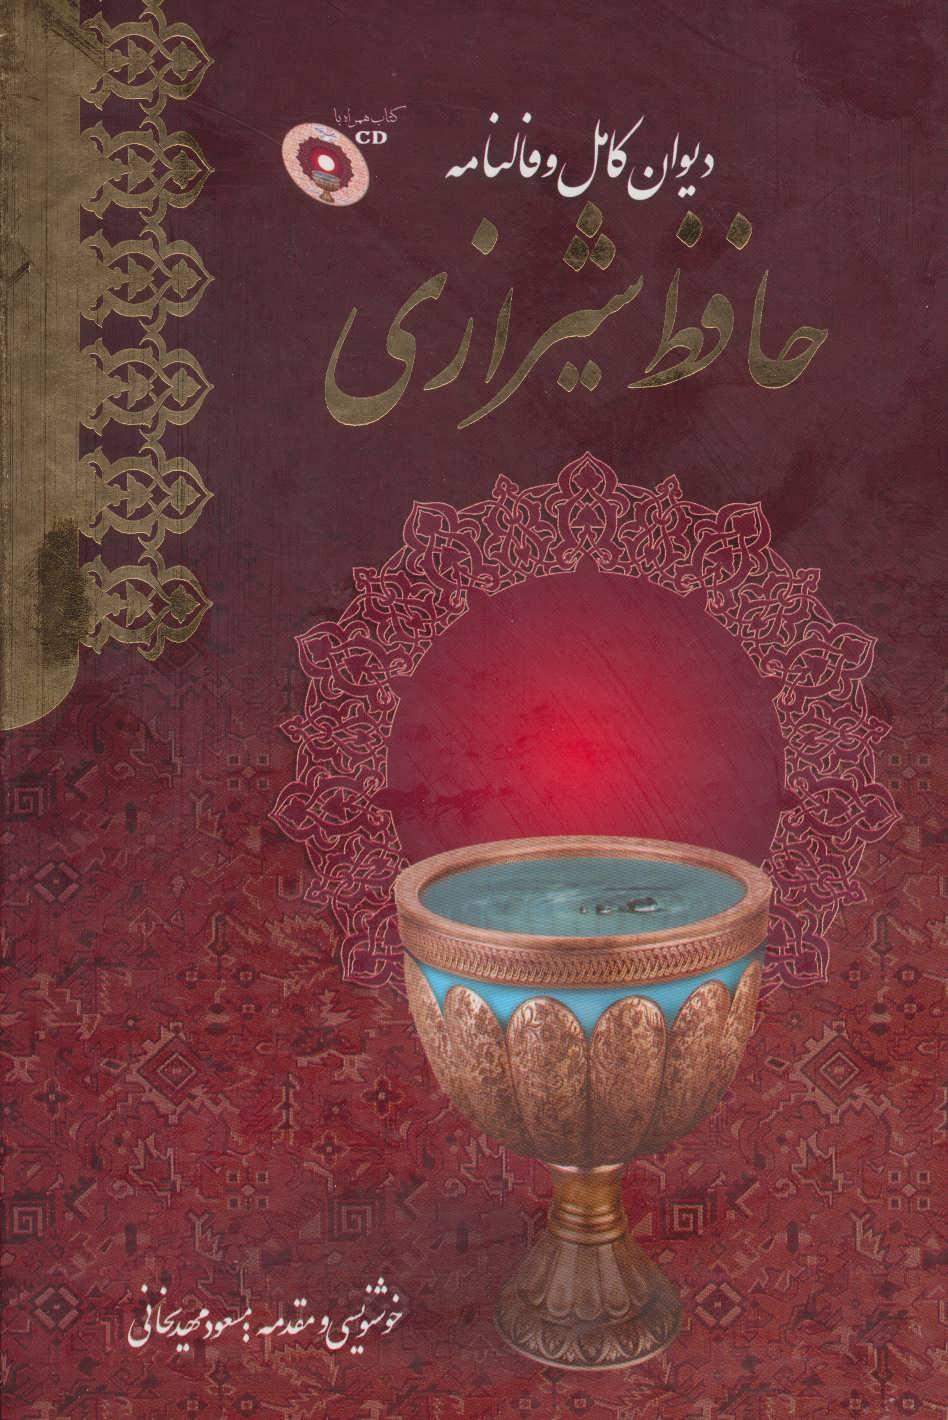 کتاب دیوان کامل و فالنامه حافظ شیرازی، همراه با سی دی (باقاب)